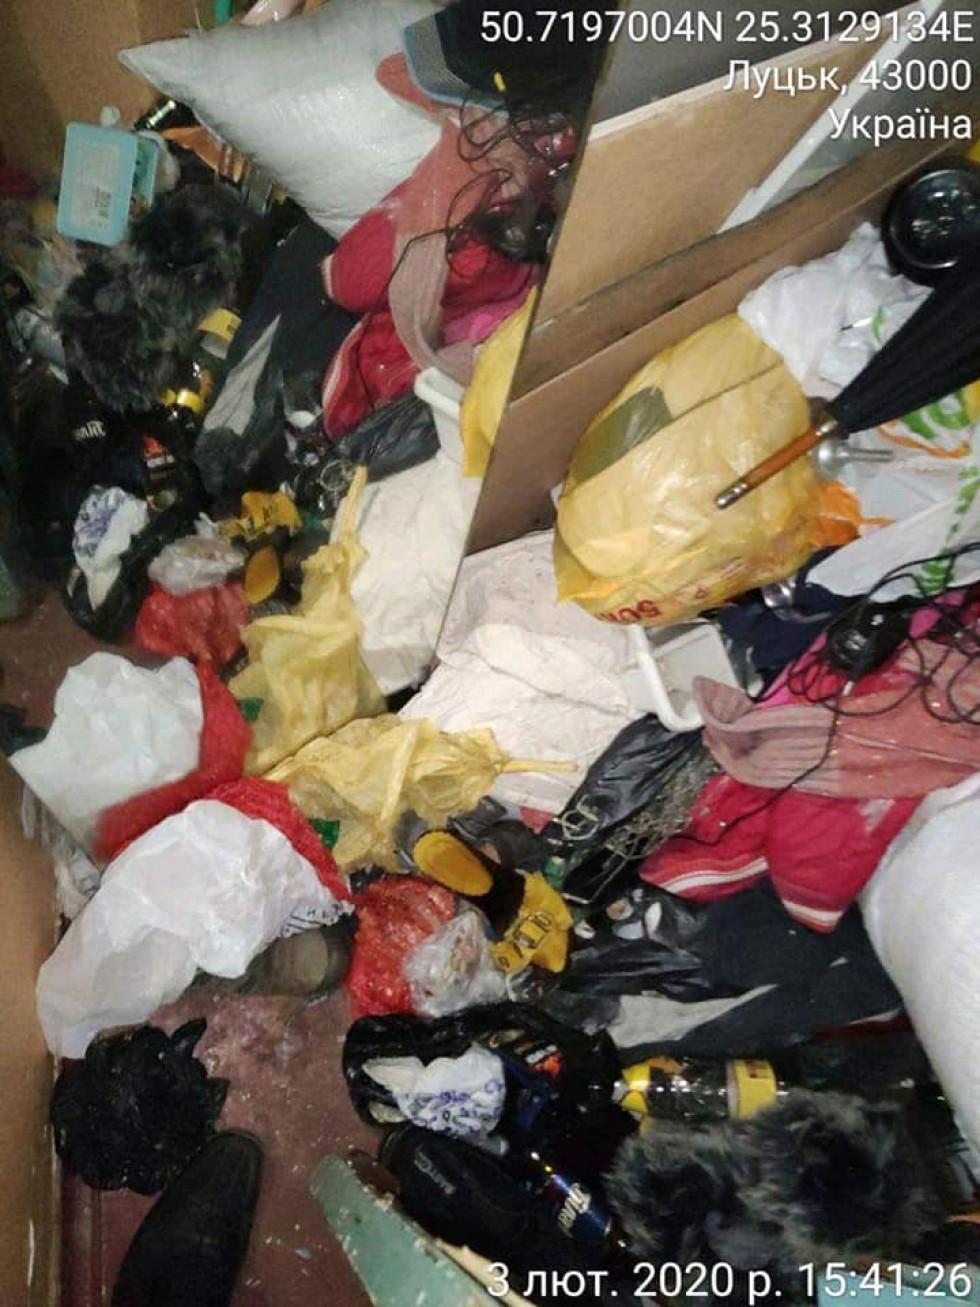 Мешканці будинку на Дружби Народів у Луцьку поскаржилися на сусіда, який захарастив сміттям свою квартиру